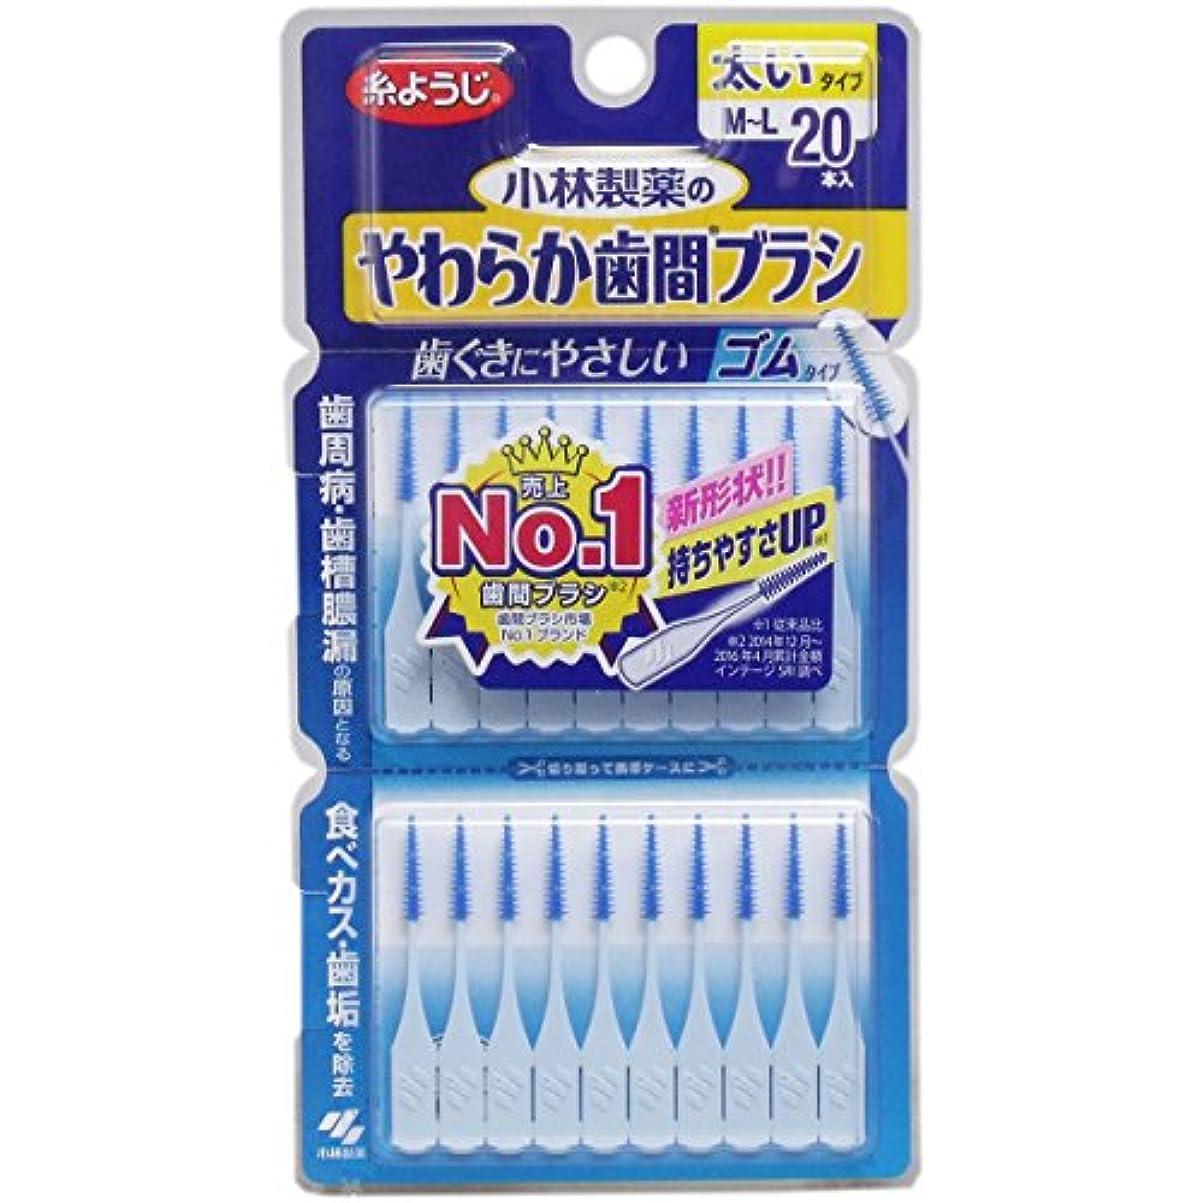 肥料押すそれに応じてやわらか歯間ブラシ 太いタイプ M-Lサイズ 20本 ×2セット